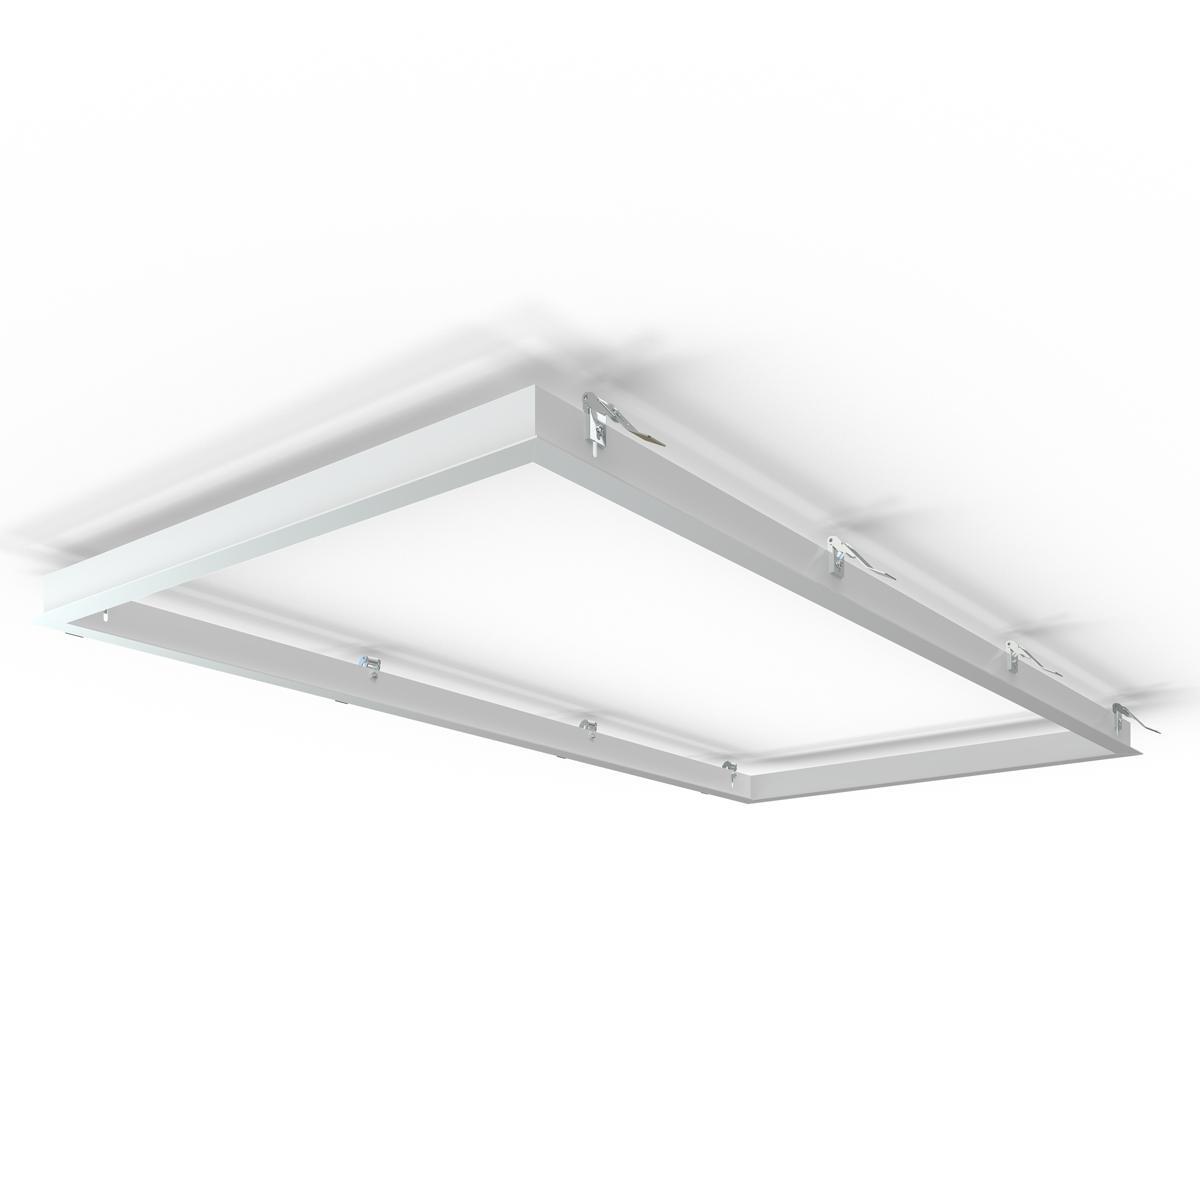 LED Panel Einbaurahmen 120x60cm weiß Deckeneinbau Montagerahmen für Rigipskartondecke